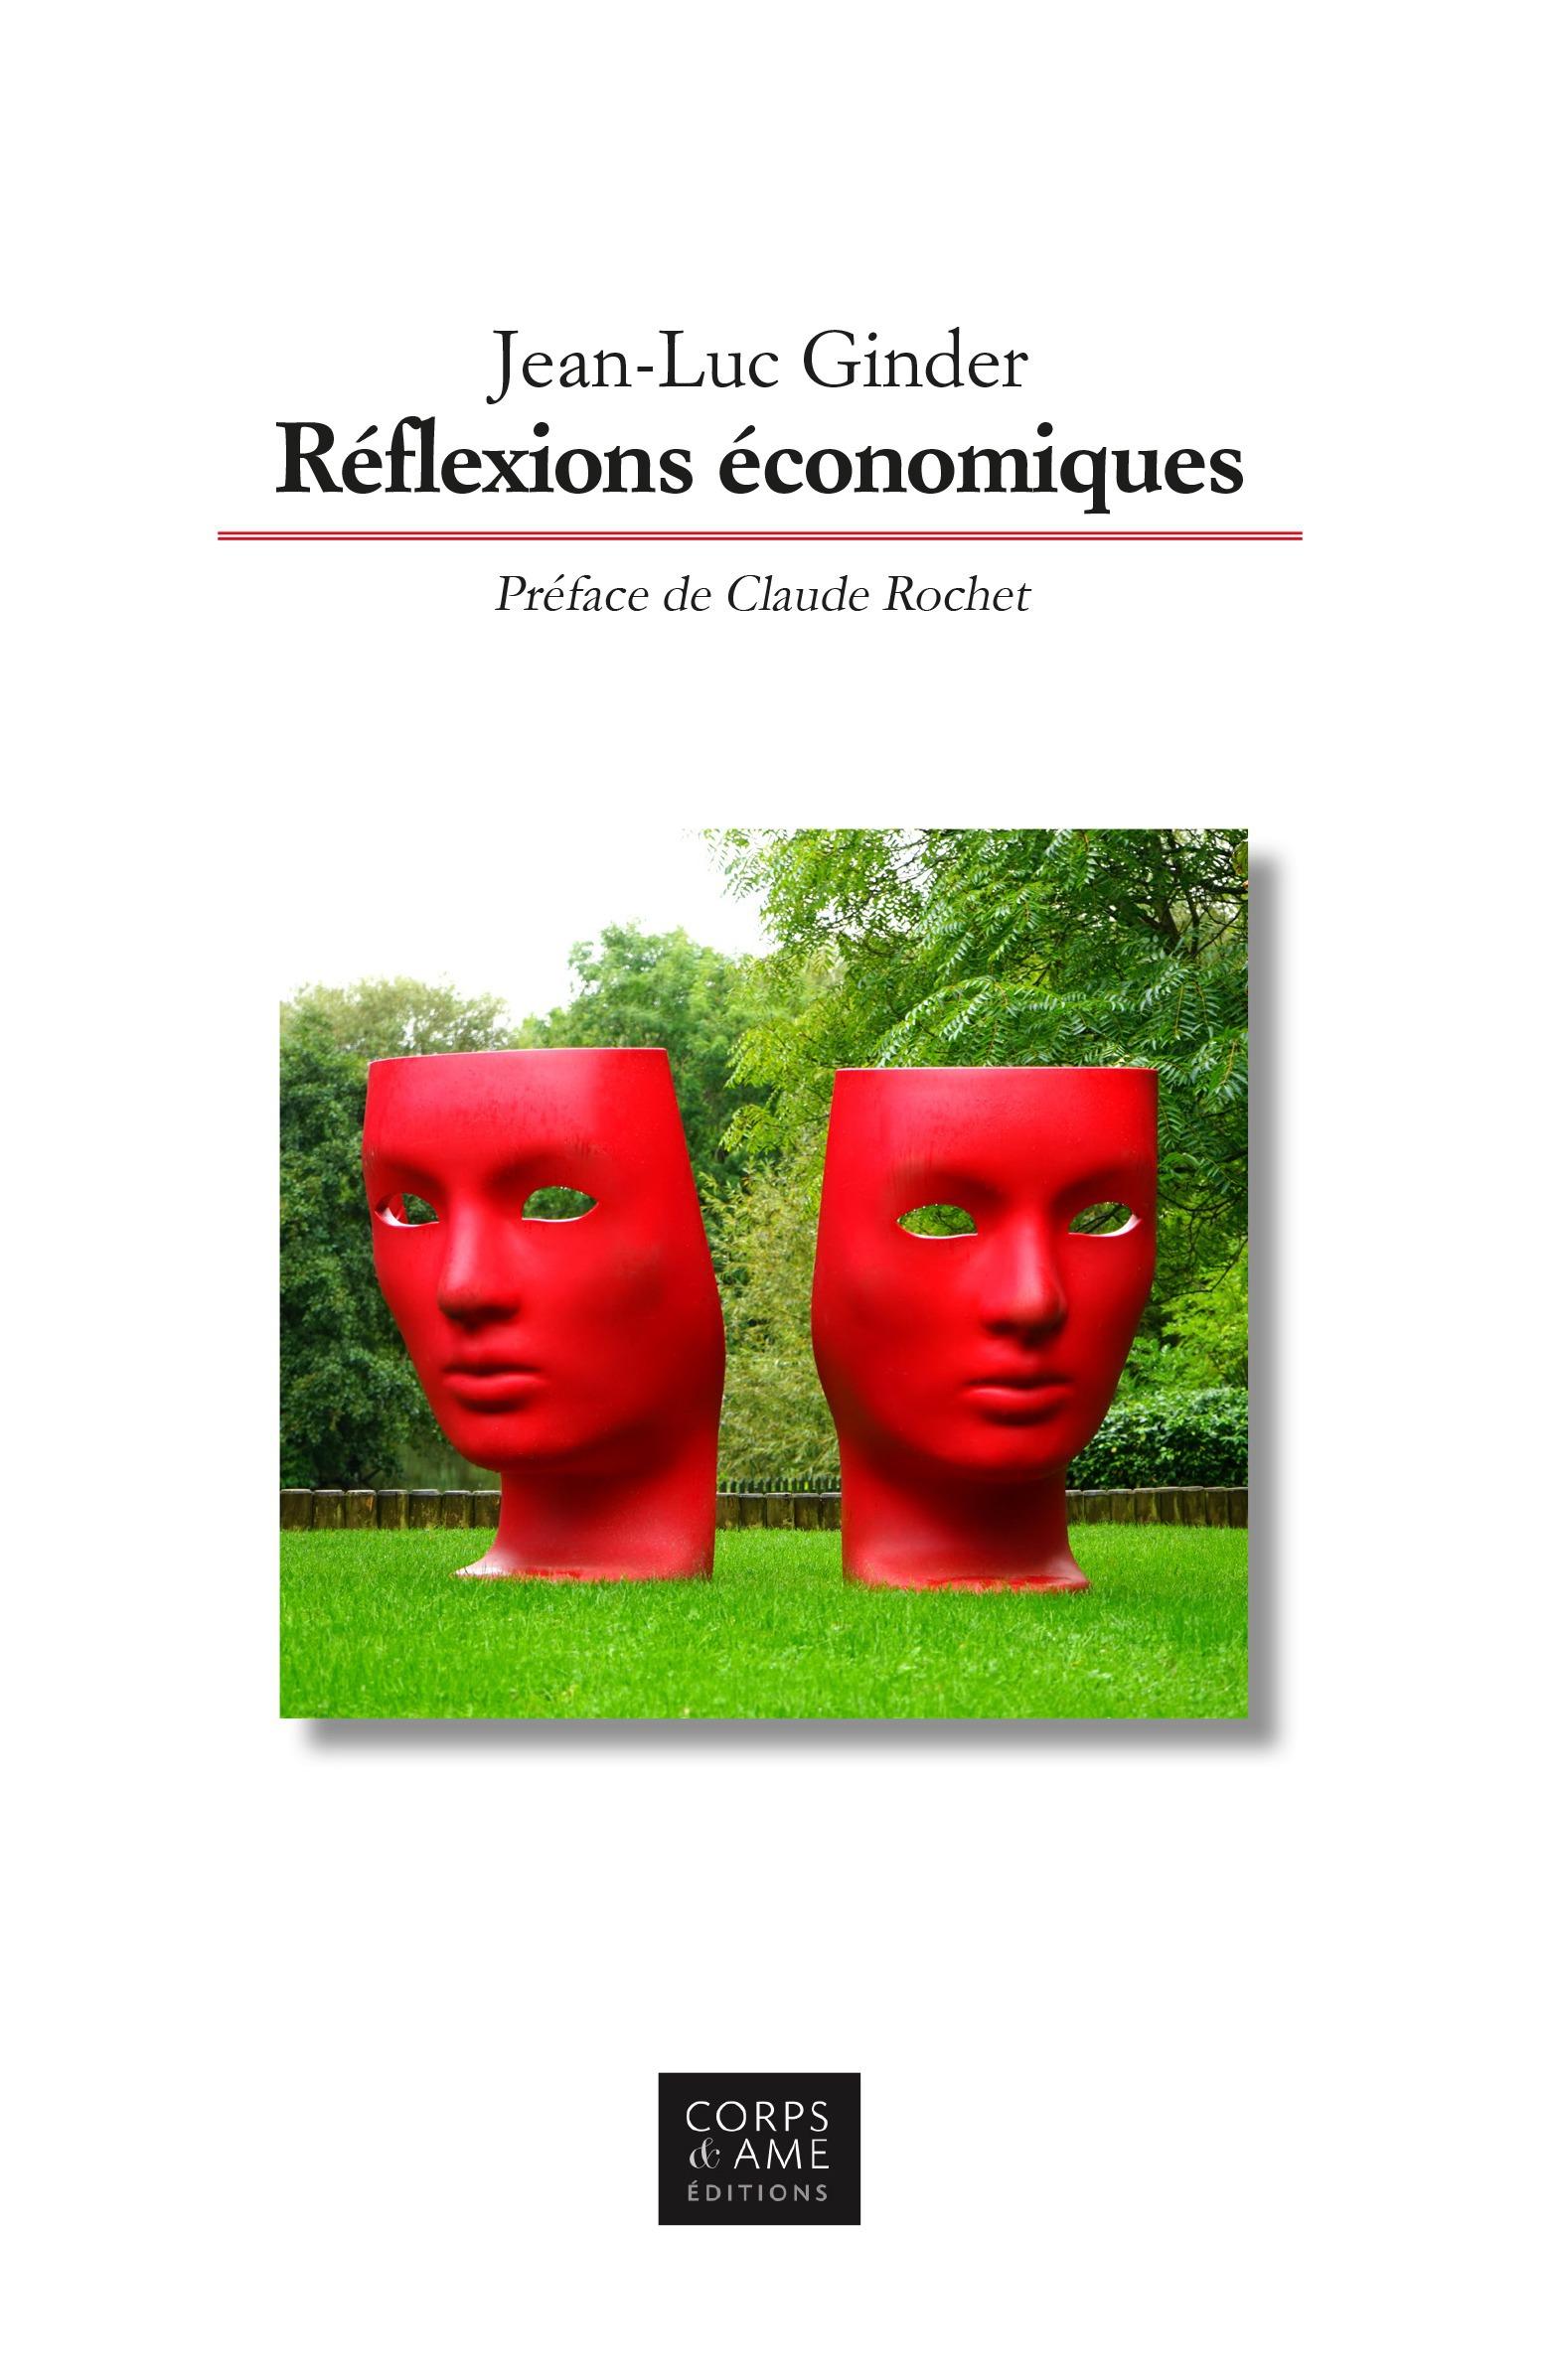 Reflexions economiques